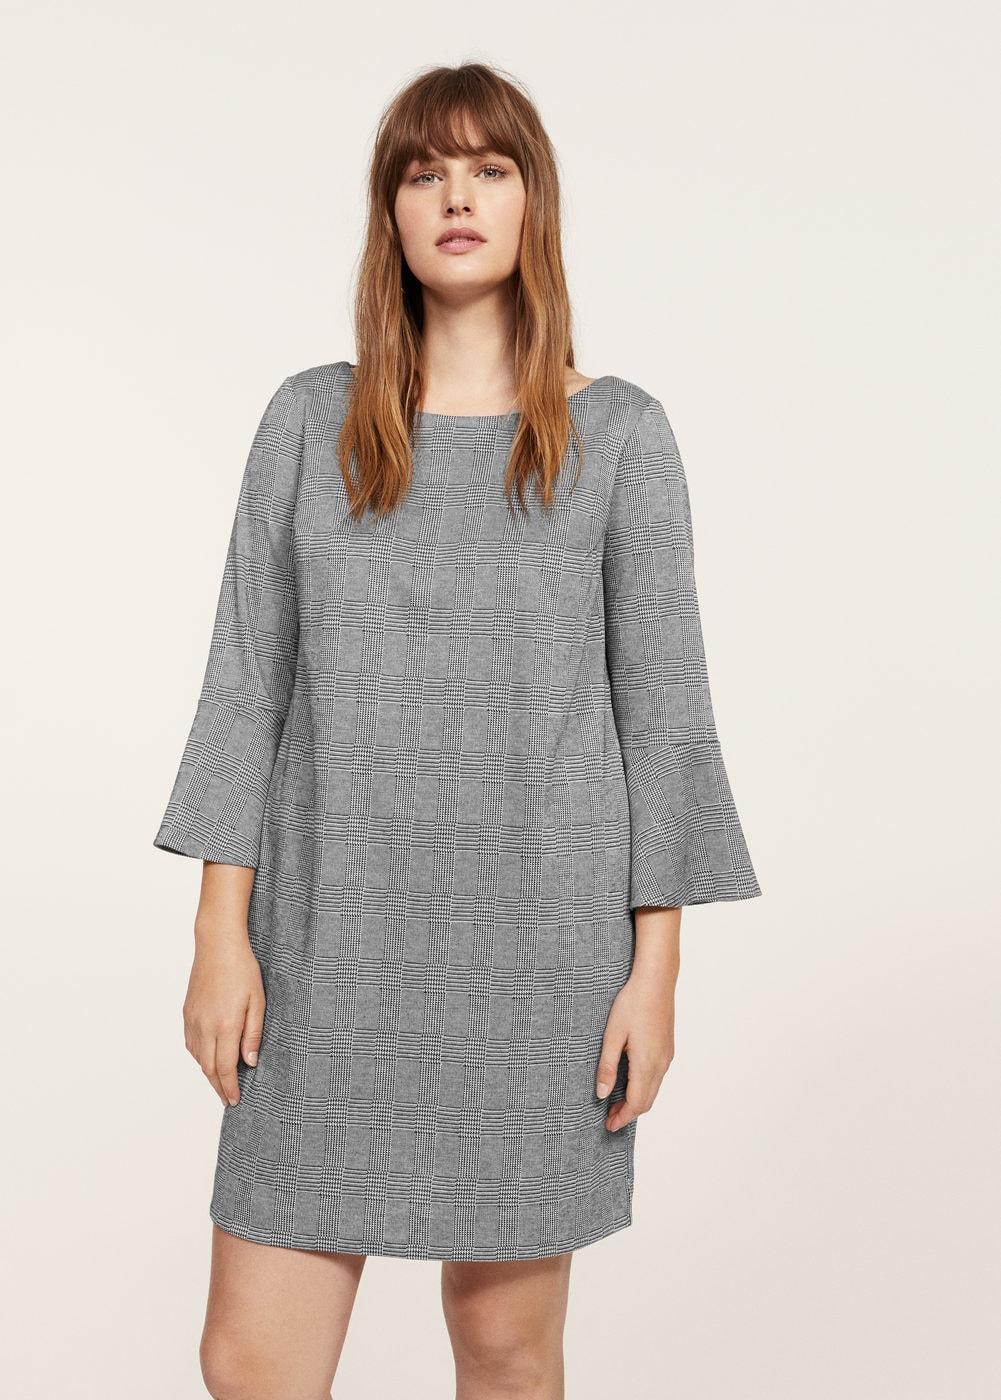 b1a85c93c801 Si se me permite un inciso me gustaría comentar que los #vestidos de  #Violeta, en su mayoría tienen un patrón favorecedor para las mujeres y  chicas que usan ...